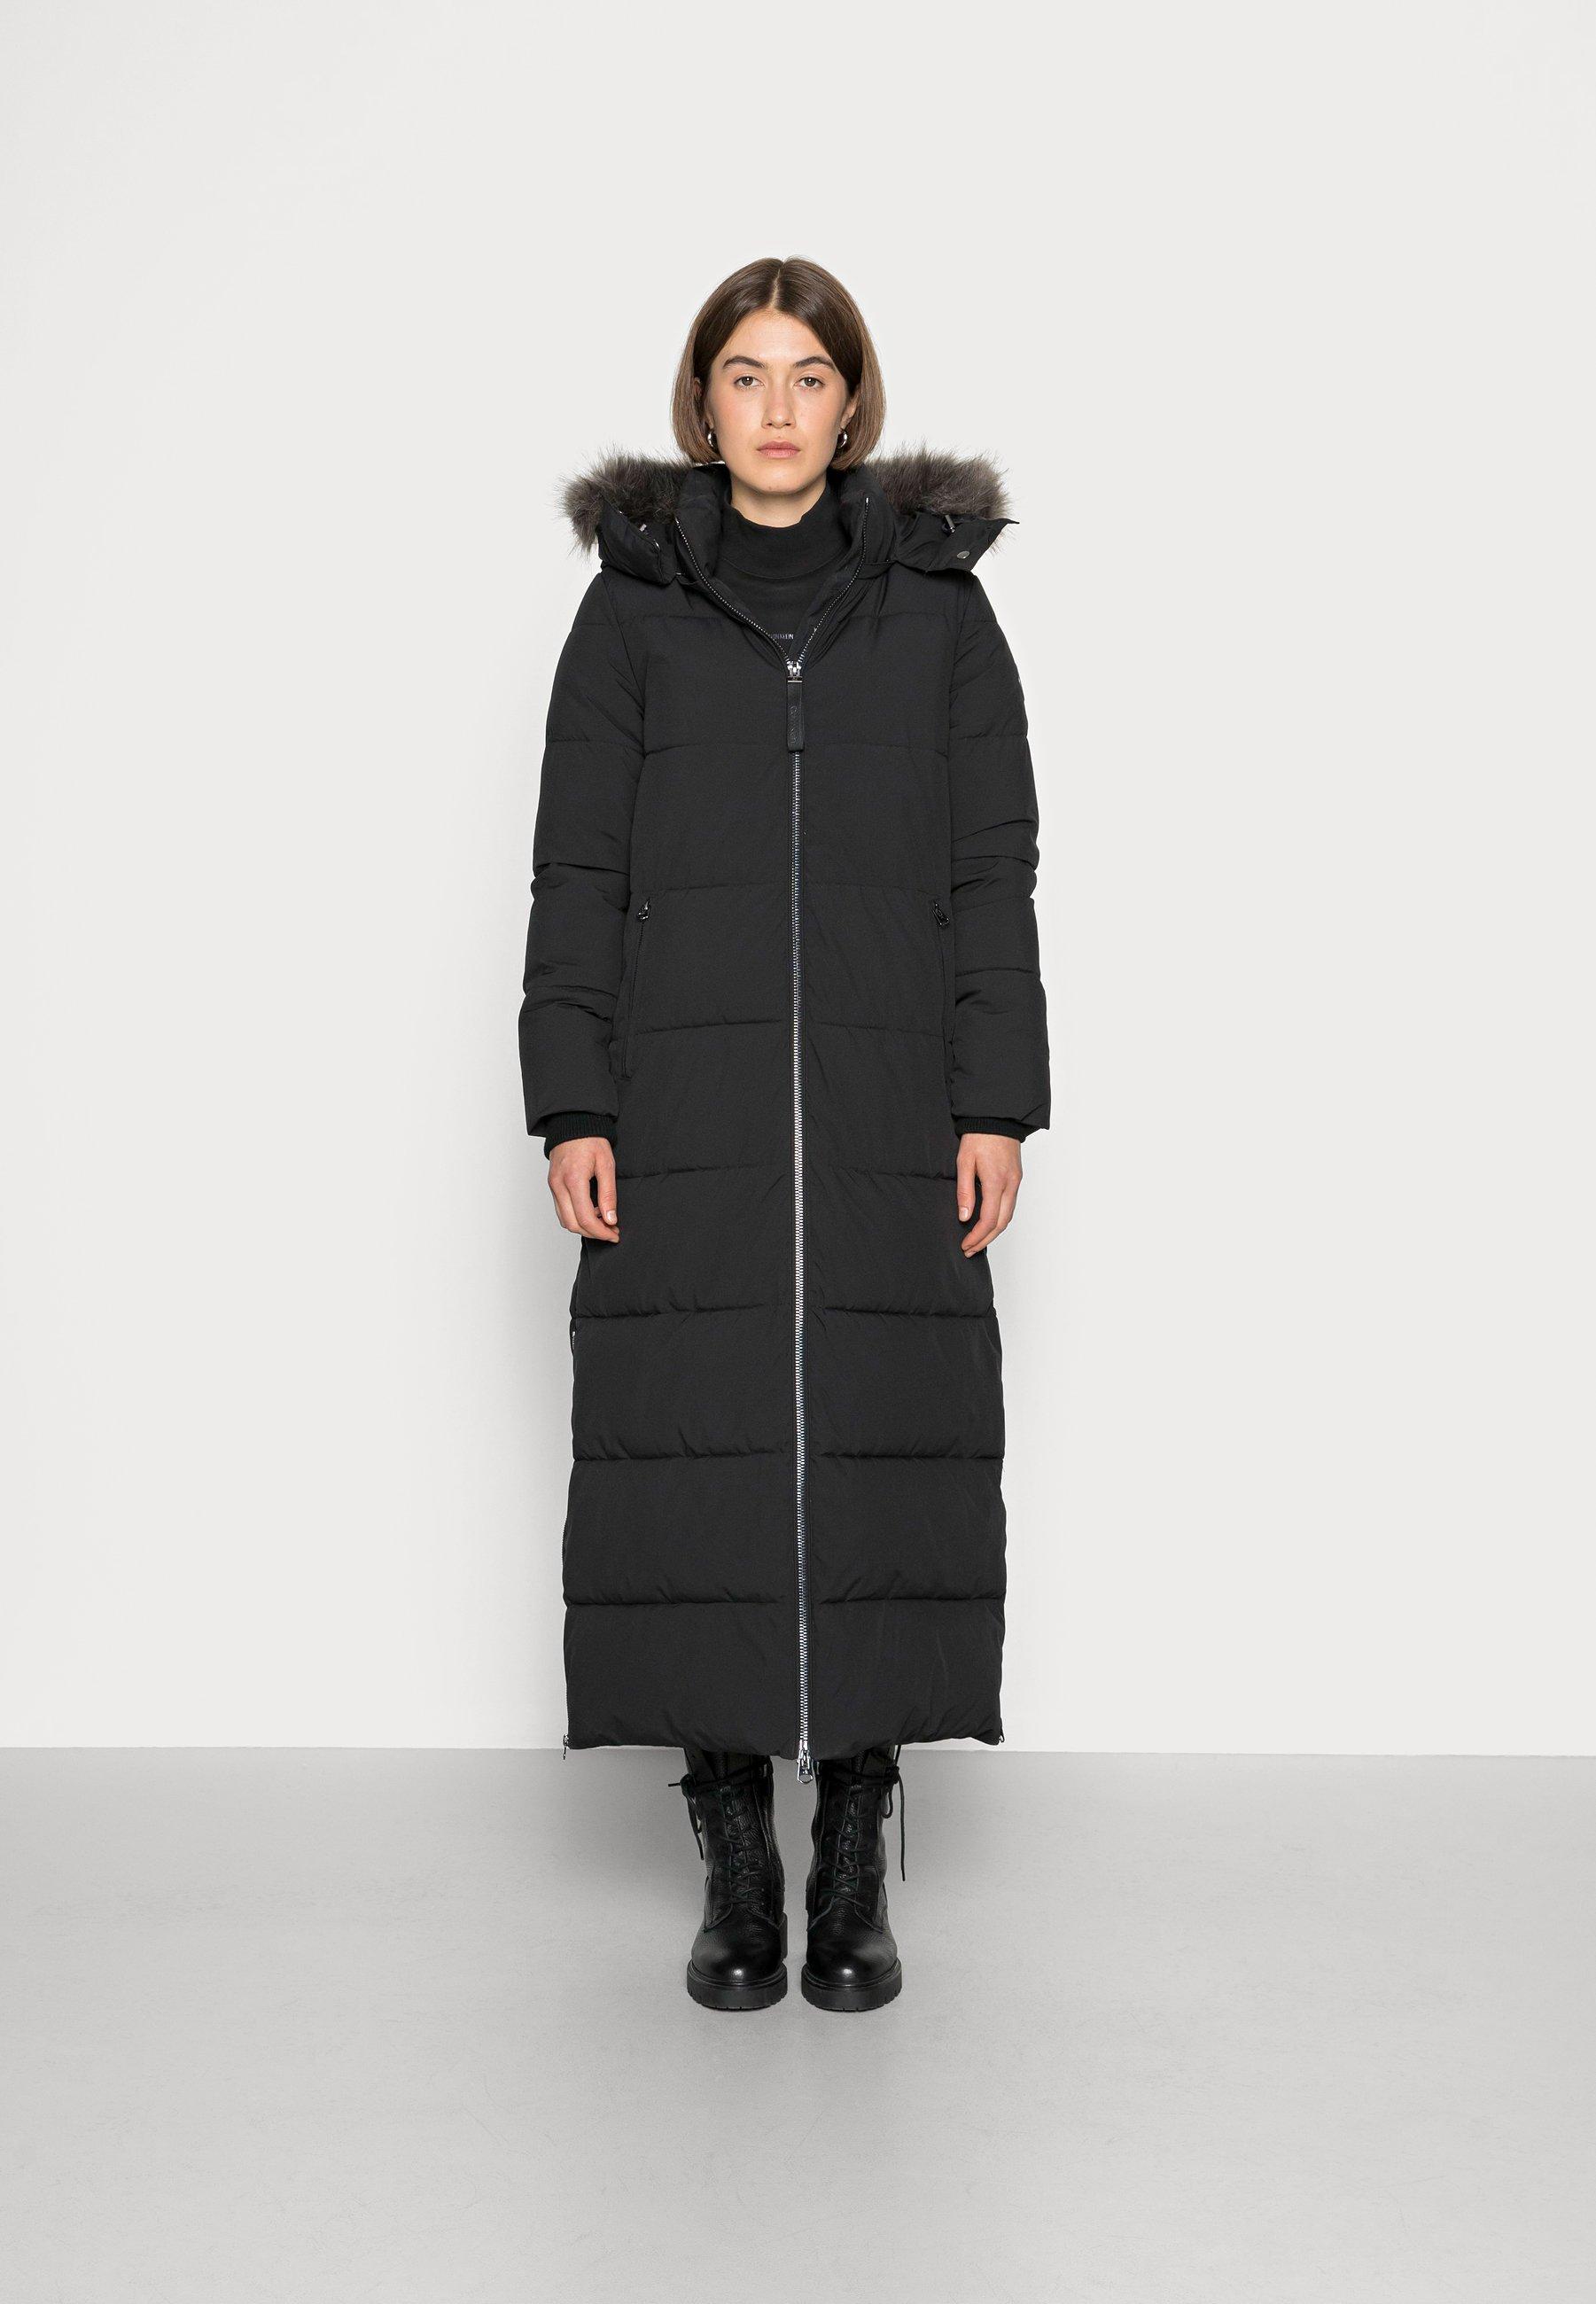 Damen MODERN SORONA XL COAT - Wintermantel